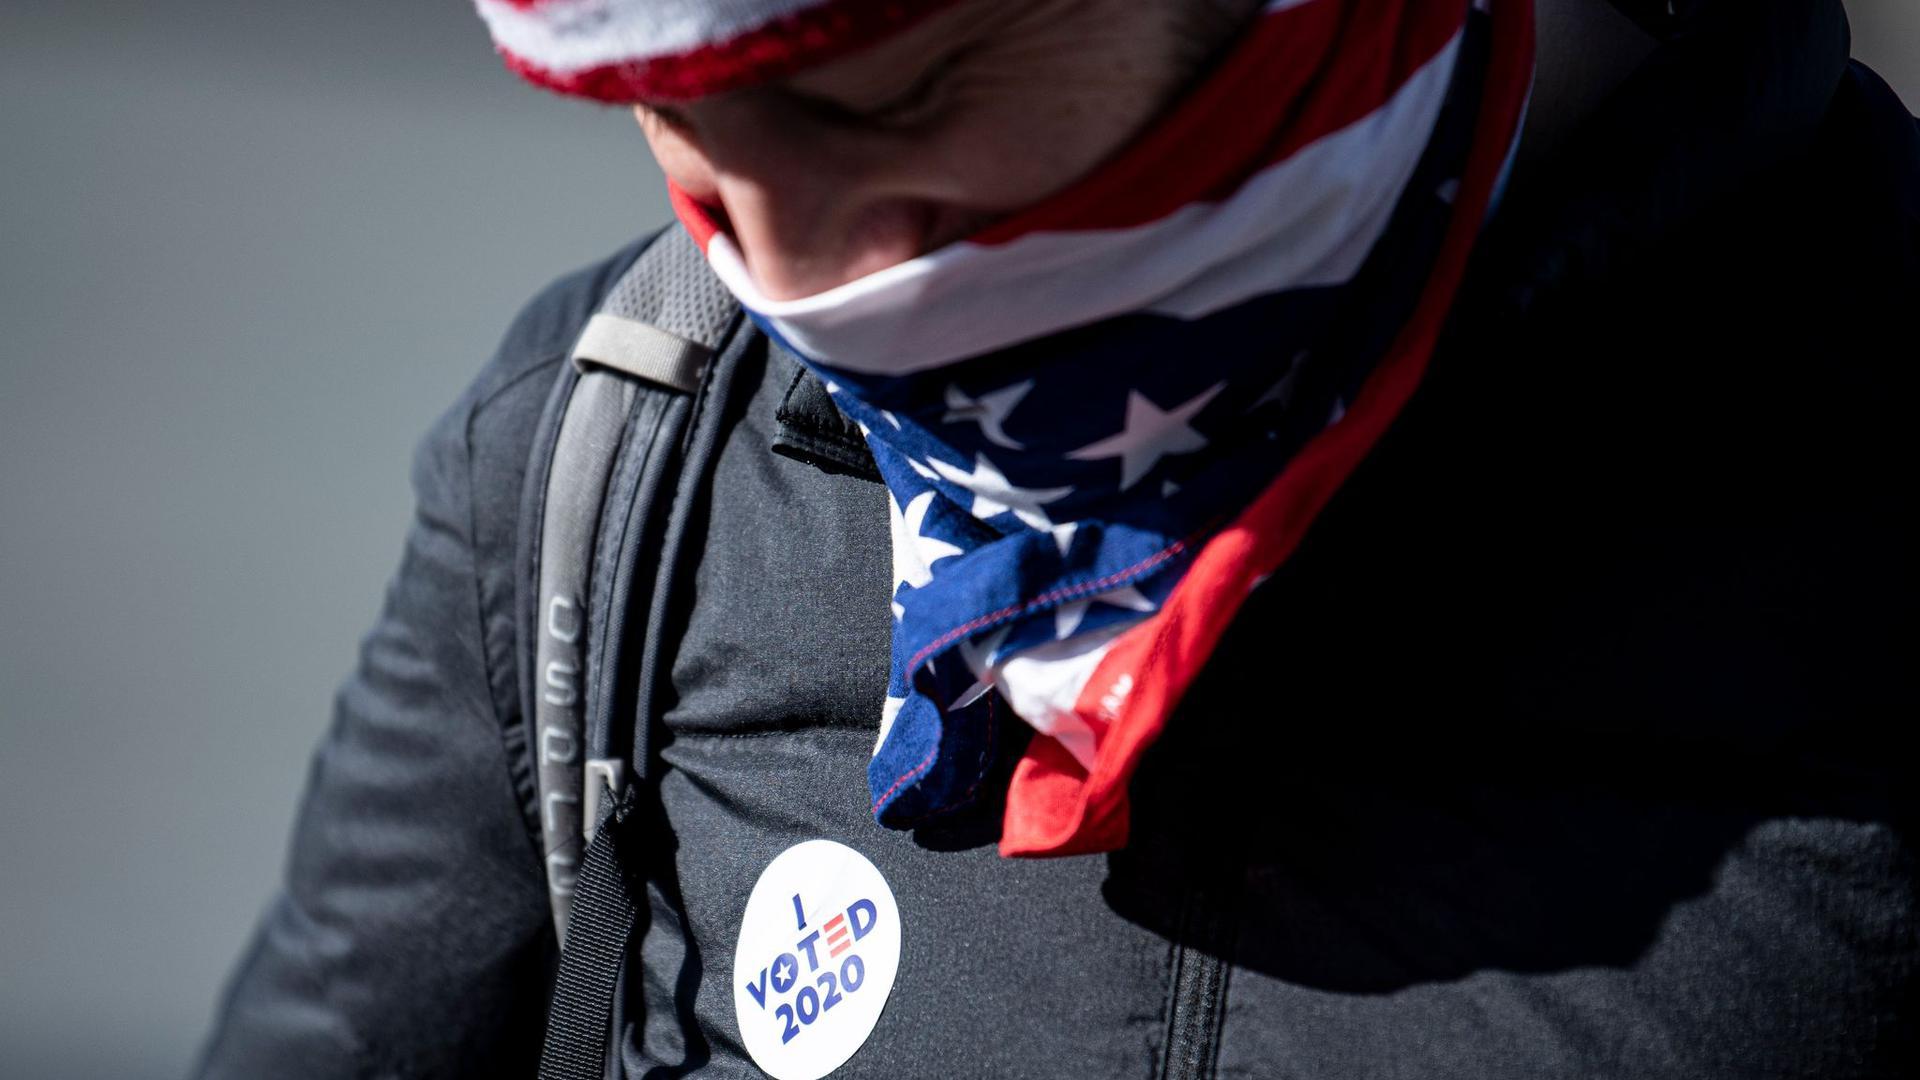 Dieser Mann hat schon gewählt. Staaten wie Pennsylvania oder North Carolina nehmen Briefwahlunterlagen noch mehrere Tage lang an.